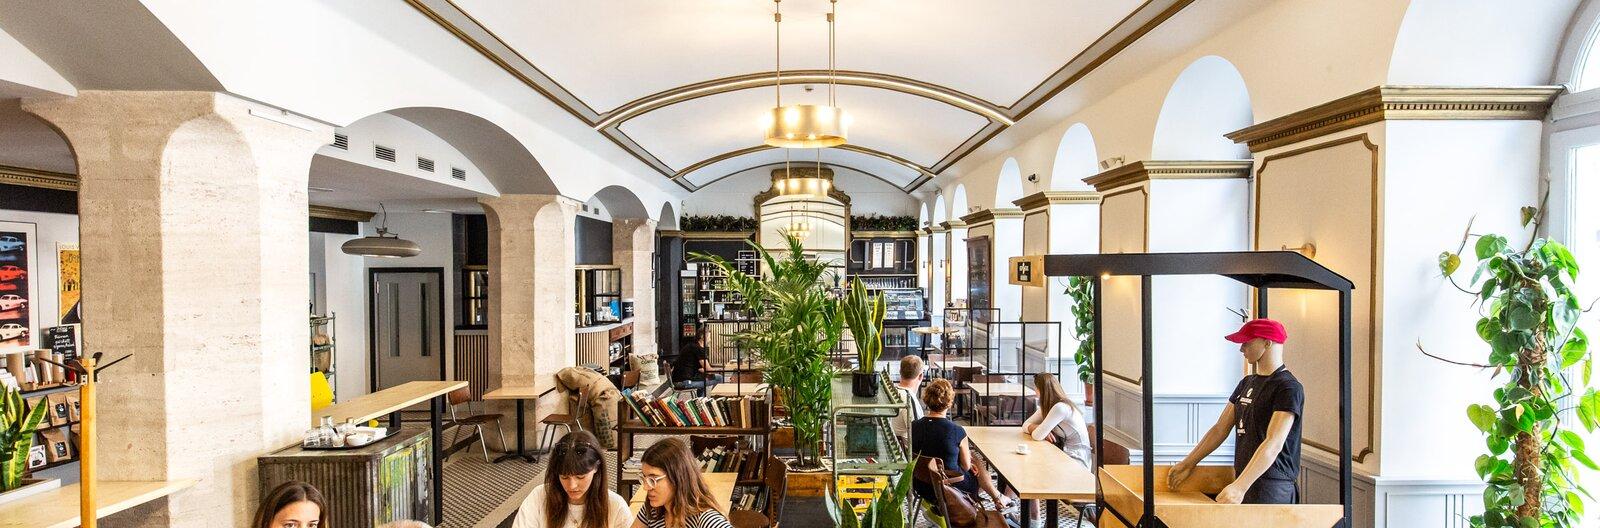 Koffeinen innen, pandémián túl – 6 új kávézó Budapesten a minimalistától a nagypolgáriig